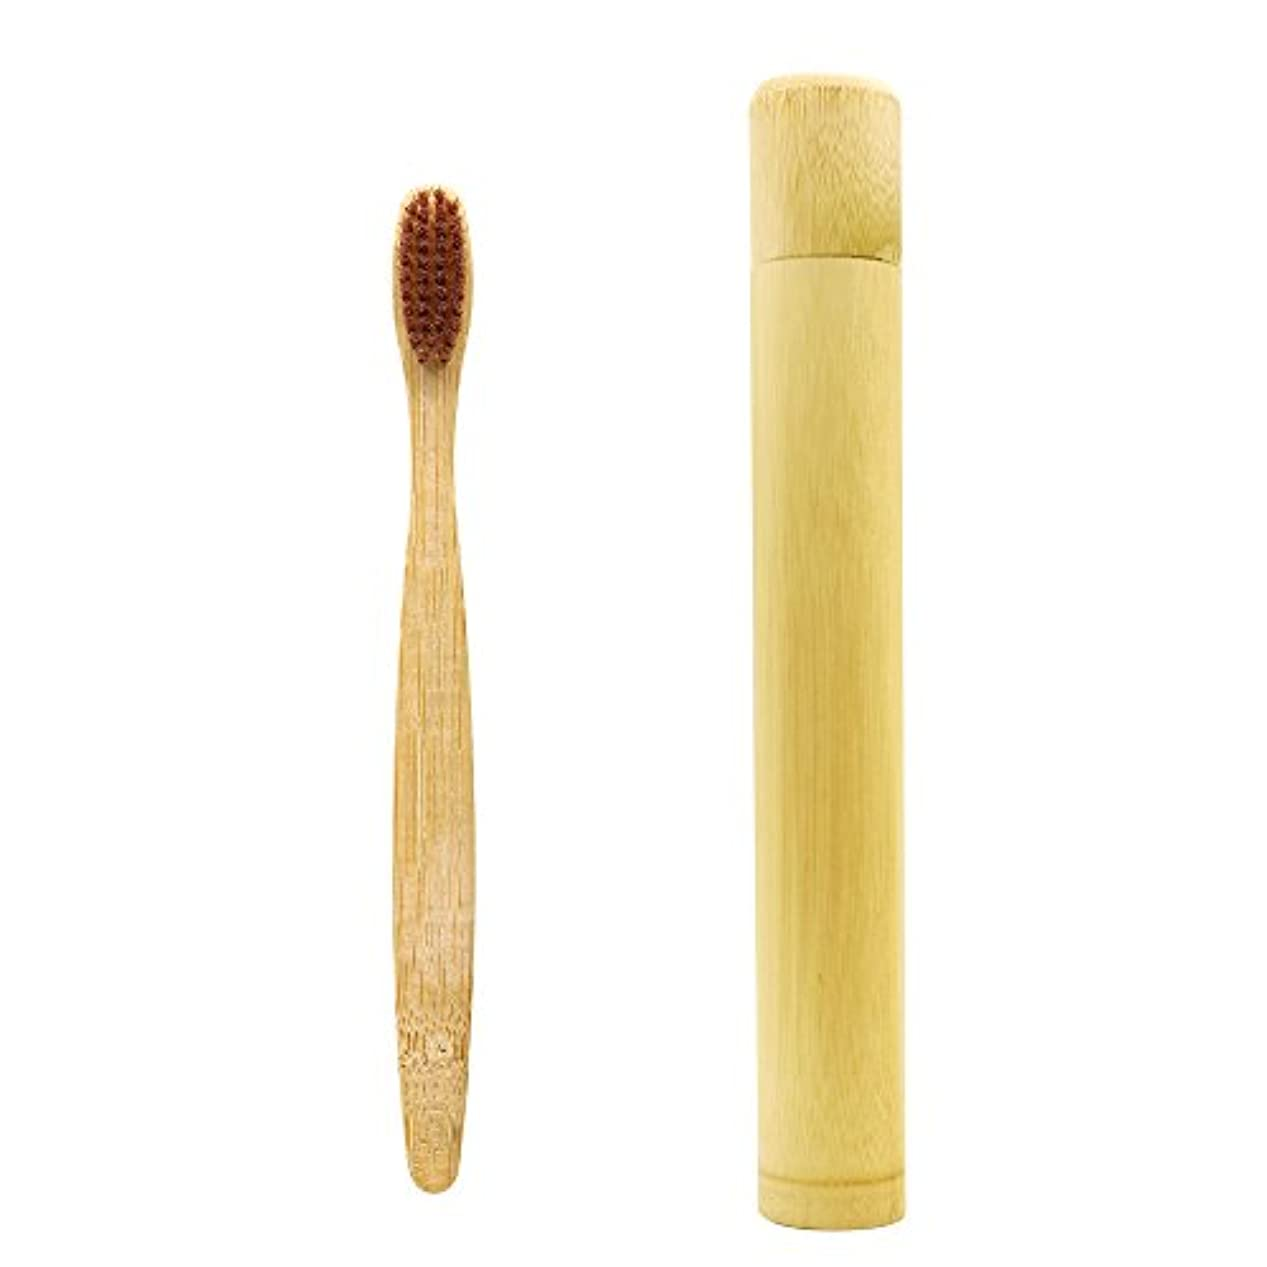 プロトタイプ古い接辞N-amboo 歯ブラシ ケース付き 竹製 耐久性 出張旅行 携帯便利 エコ